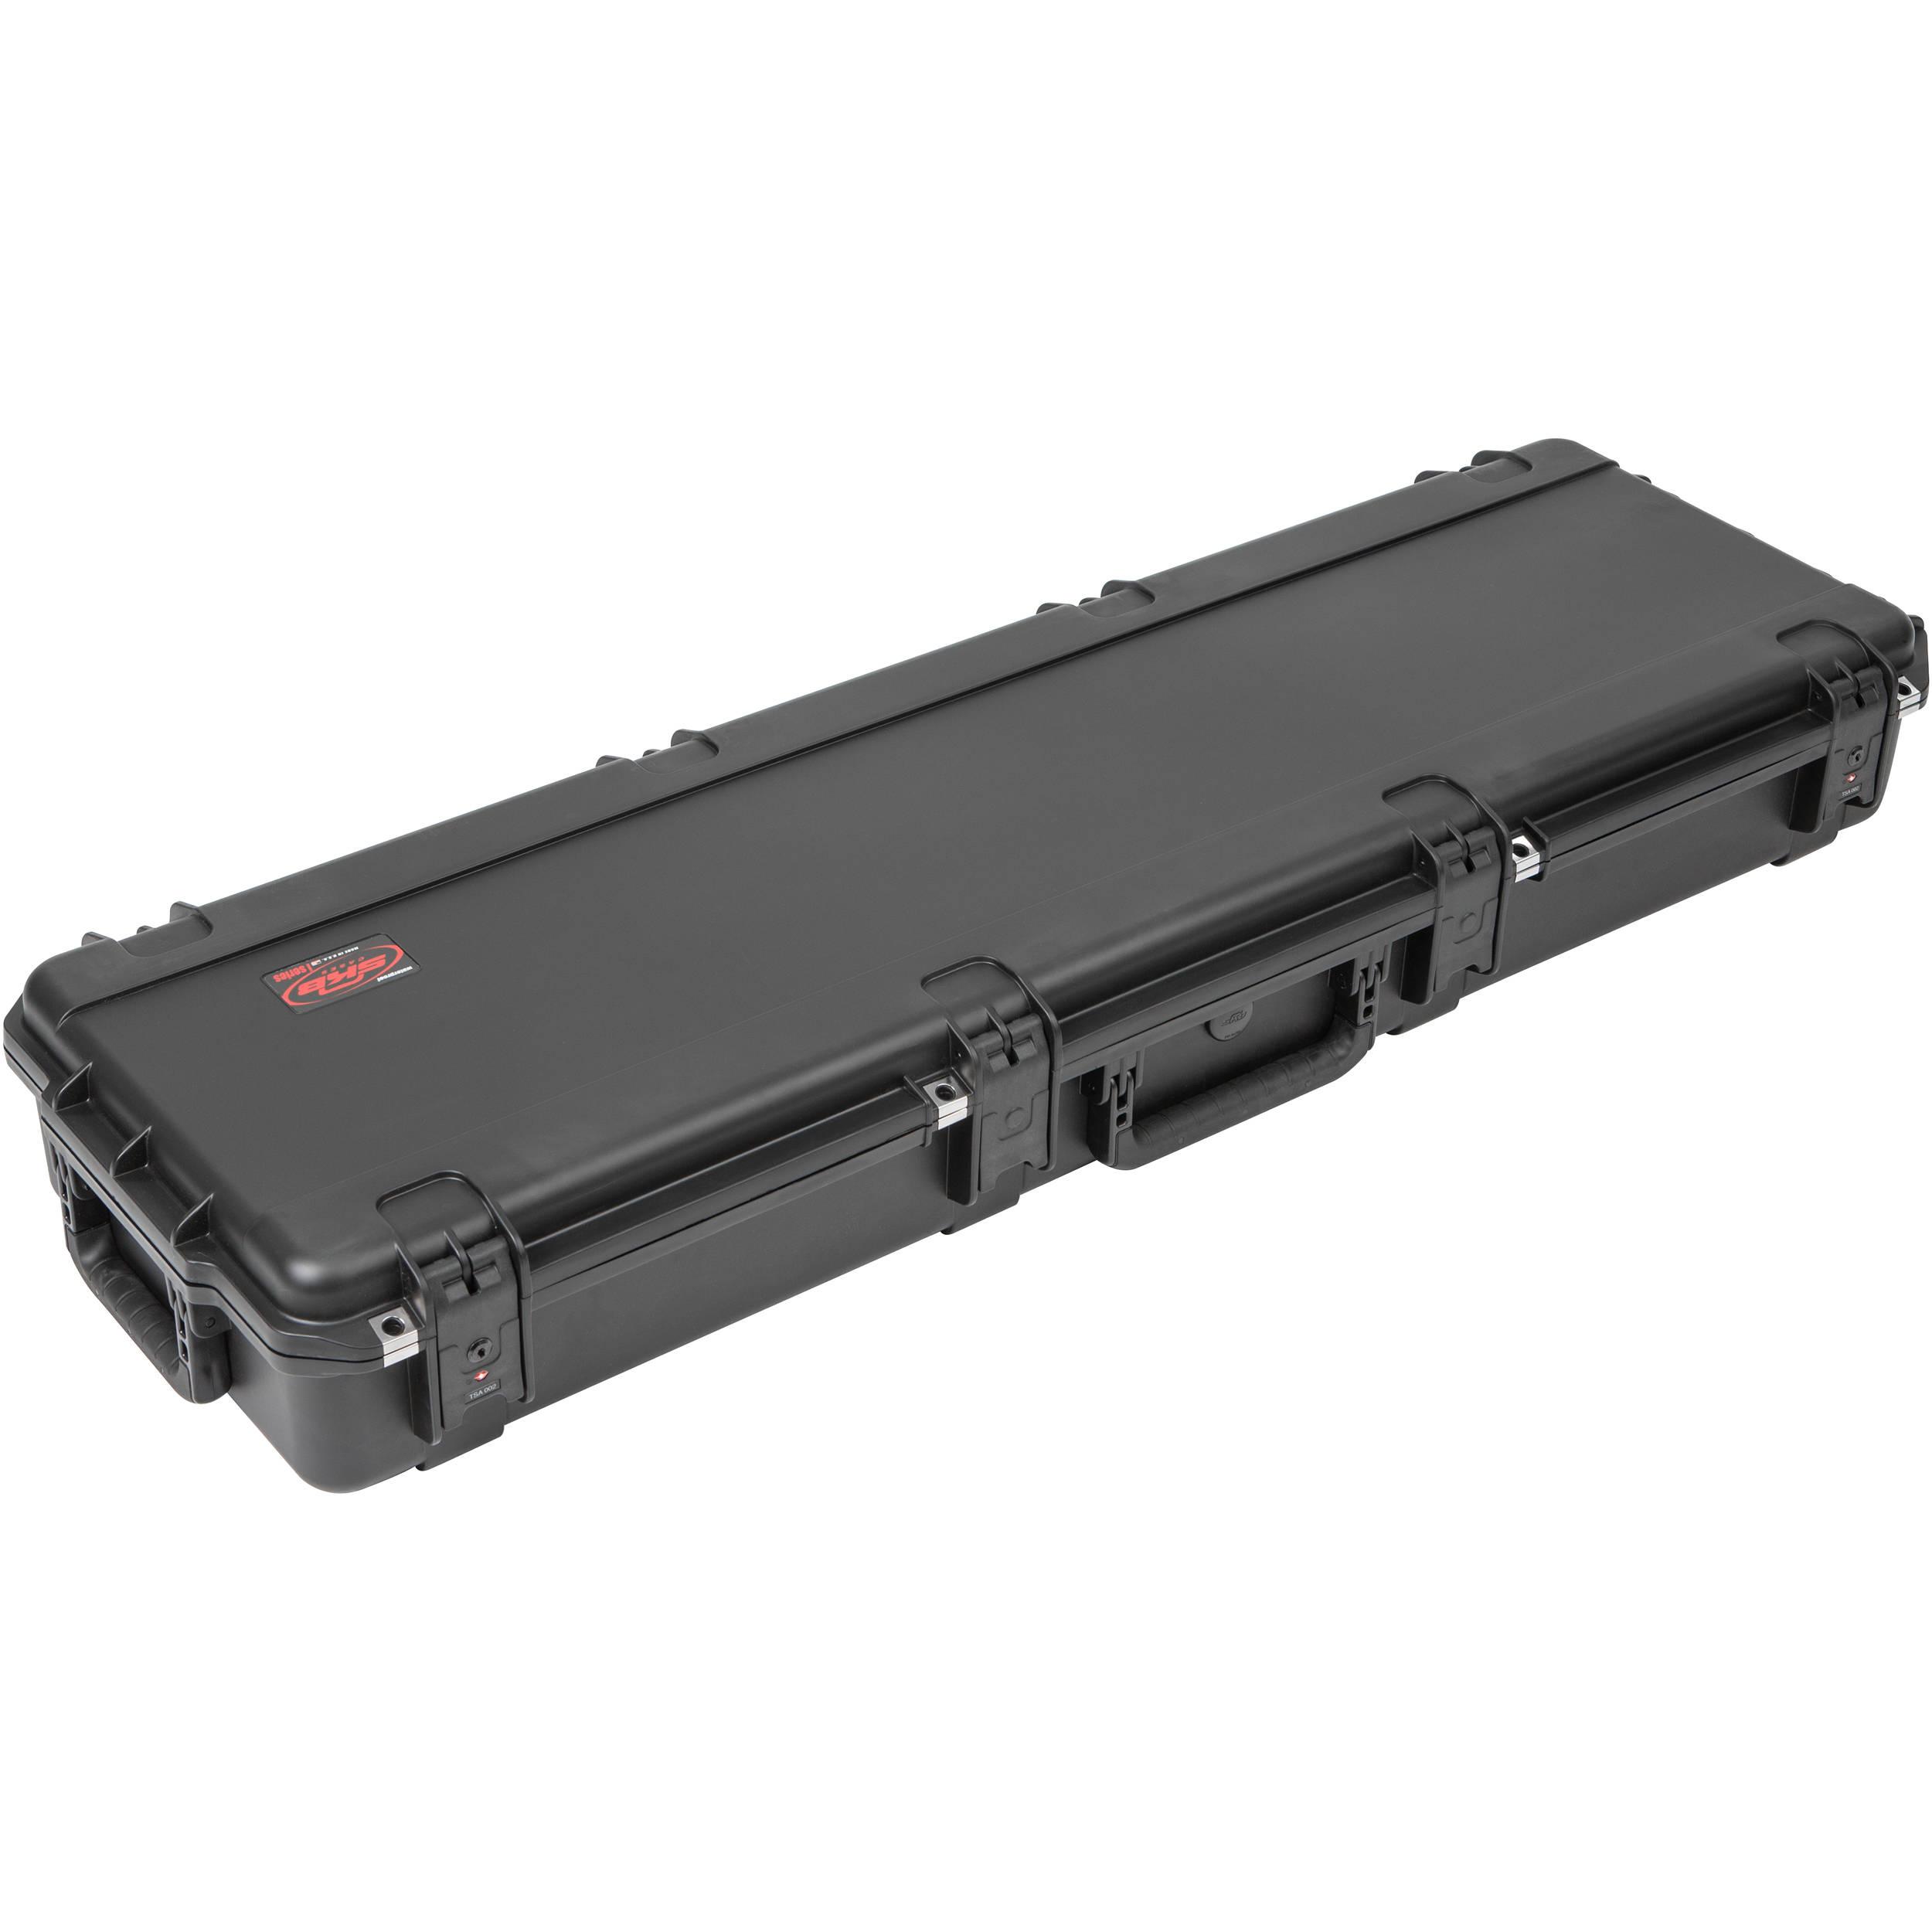 skb iseries waterproof flight case for stingray bass 3i 5014 srb. Black Bedroom Furniture Sets. Home Design Ideas